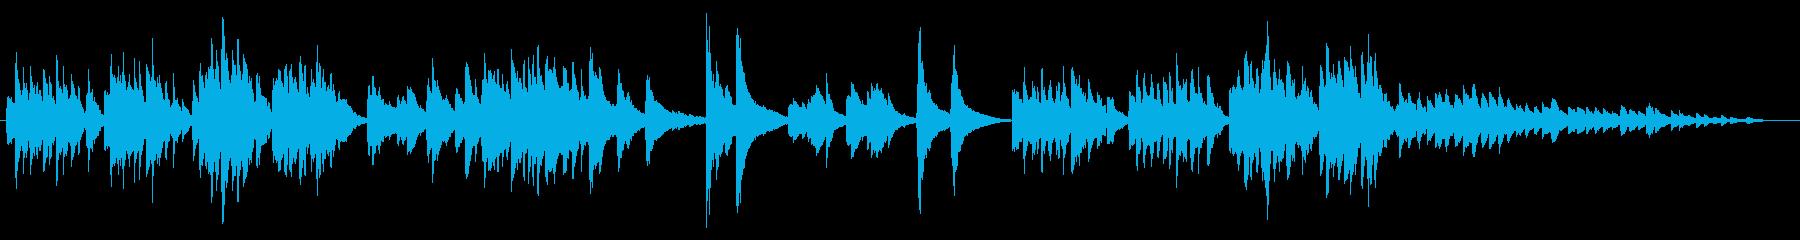 優しいメロディーのピアノバラードの再生済みの波形